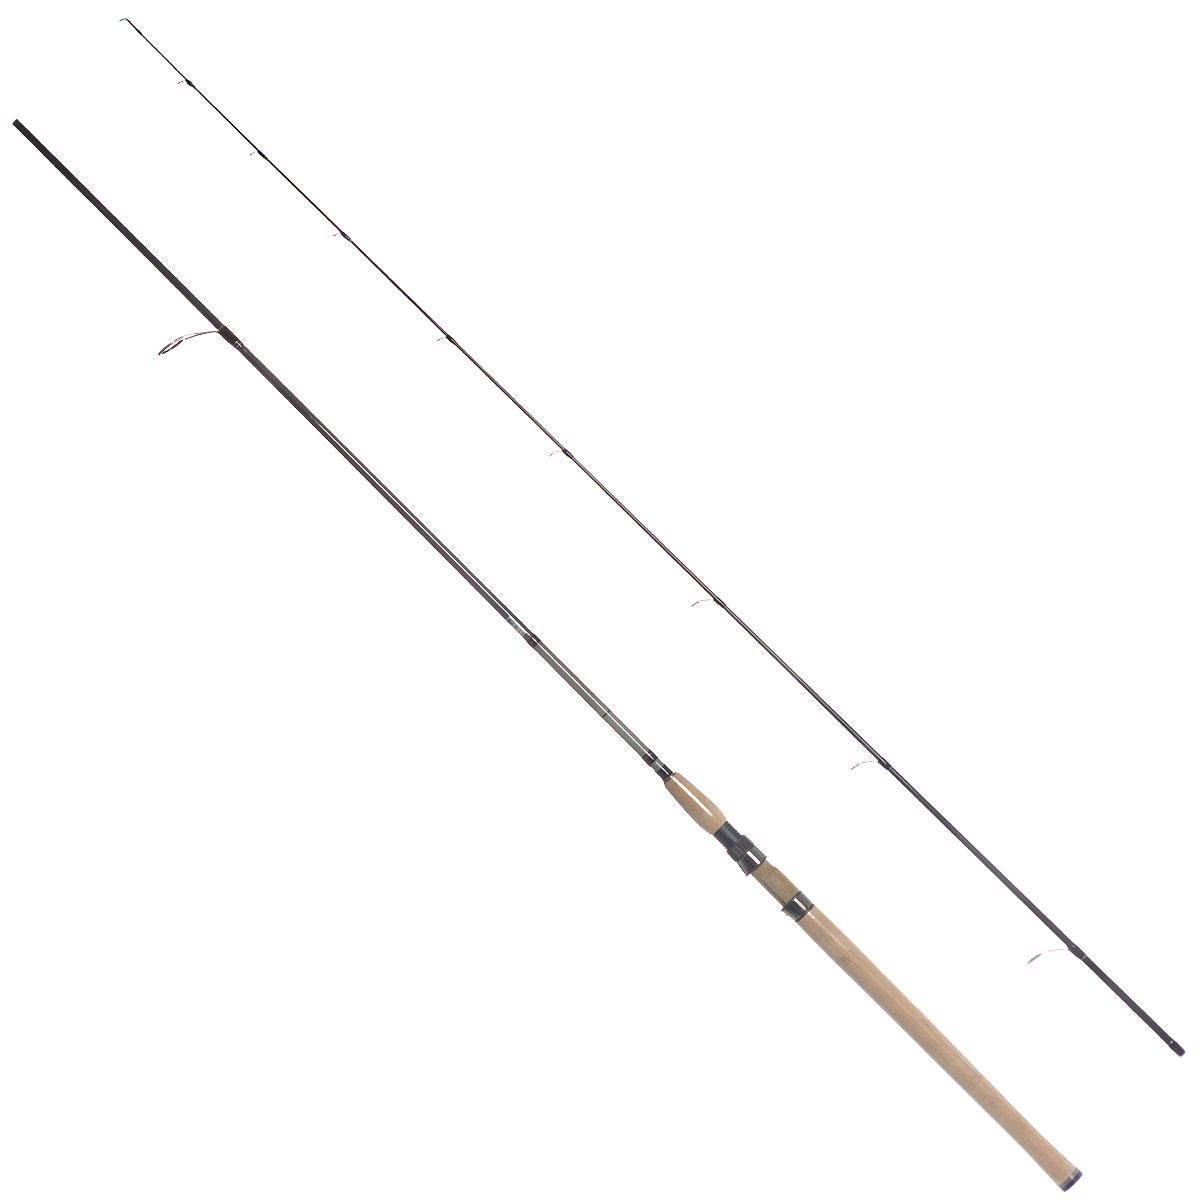 Спиннинг штекерный Daiwa Procyon, 2,70 м, 10-35 г